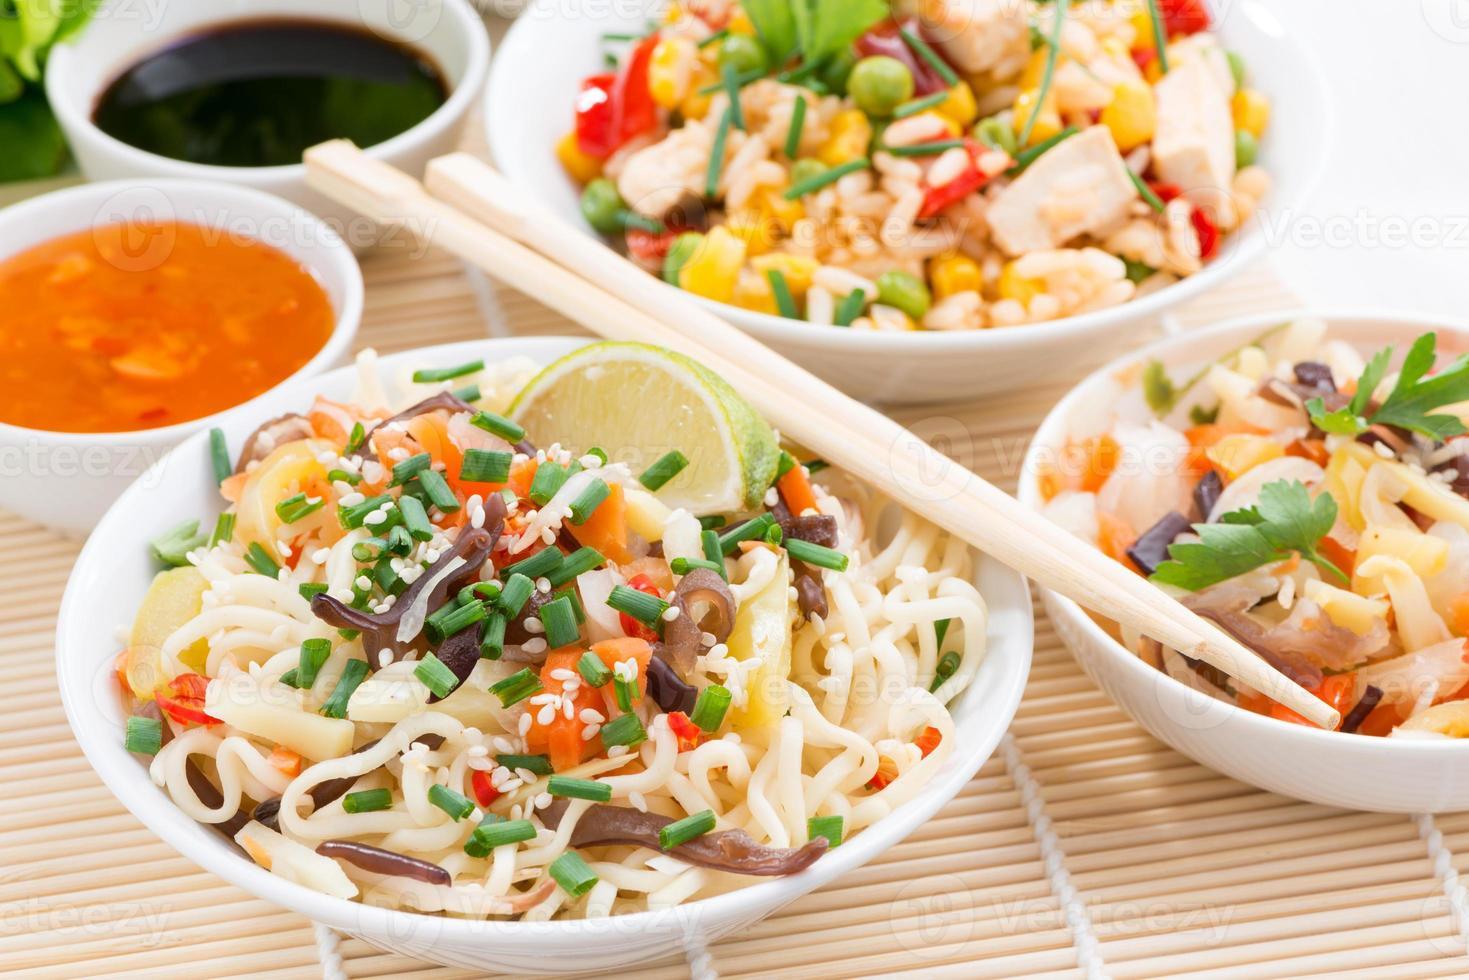 asiatisches Essen - Nudeln mit Gemüse und Gemüse, gebratener Reis foto